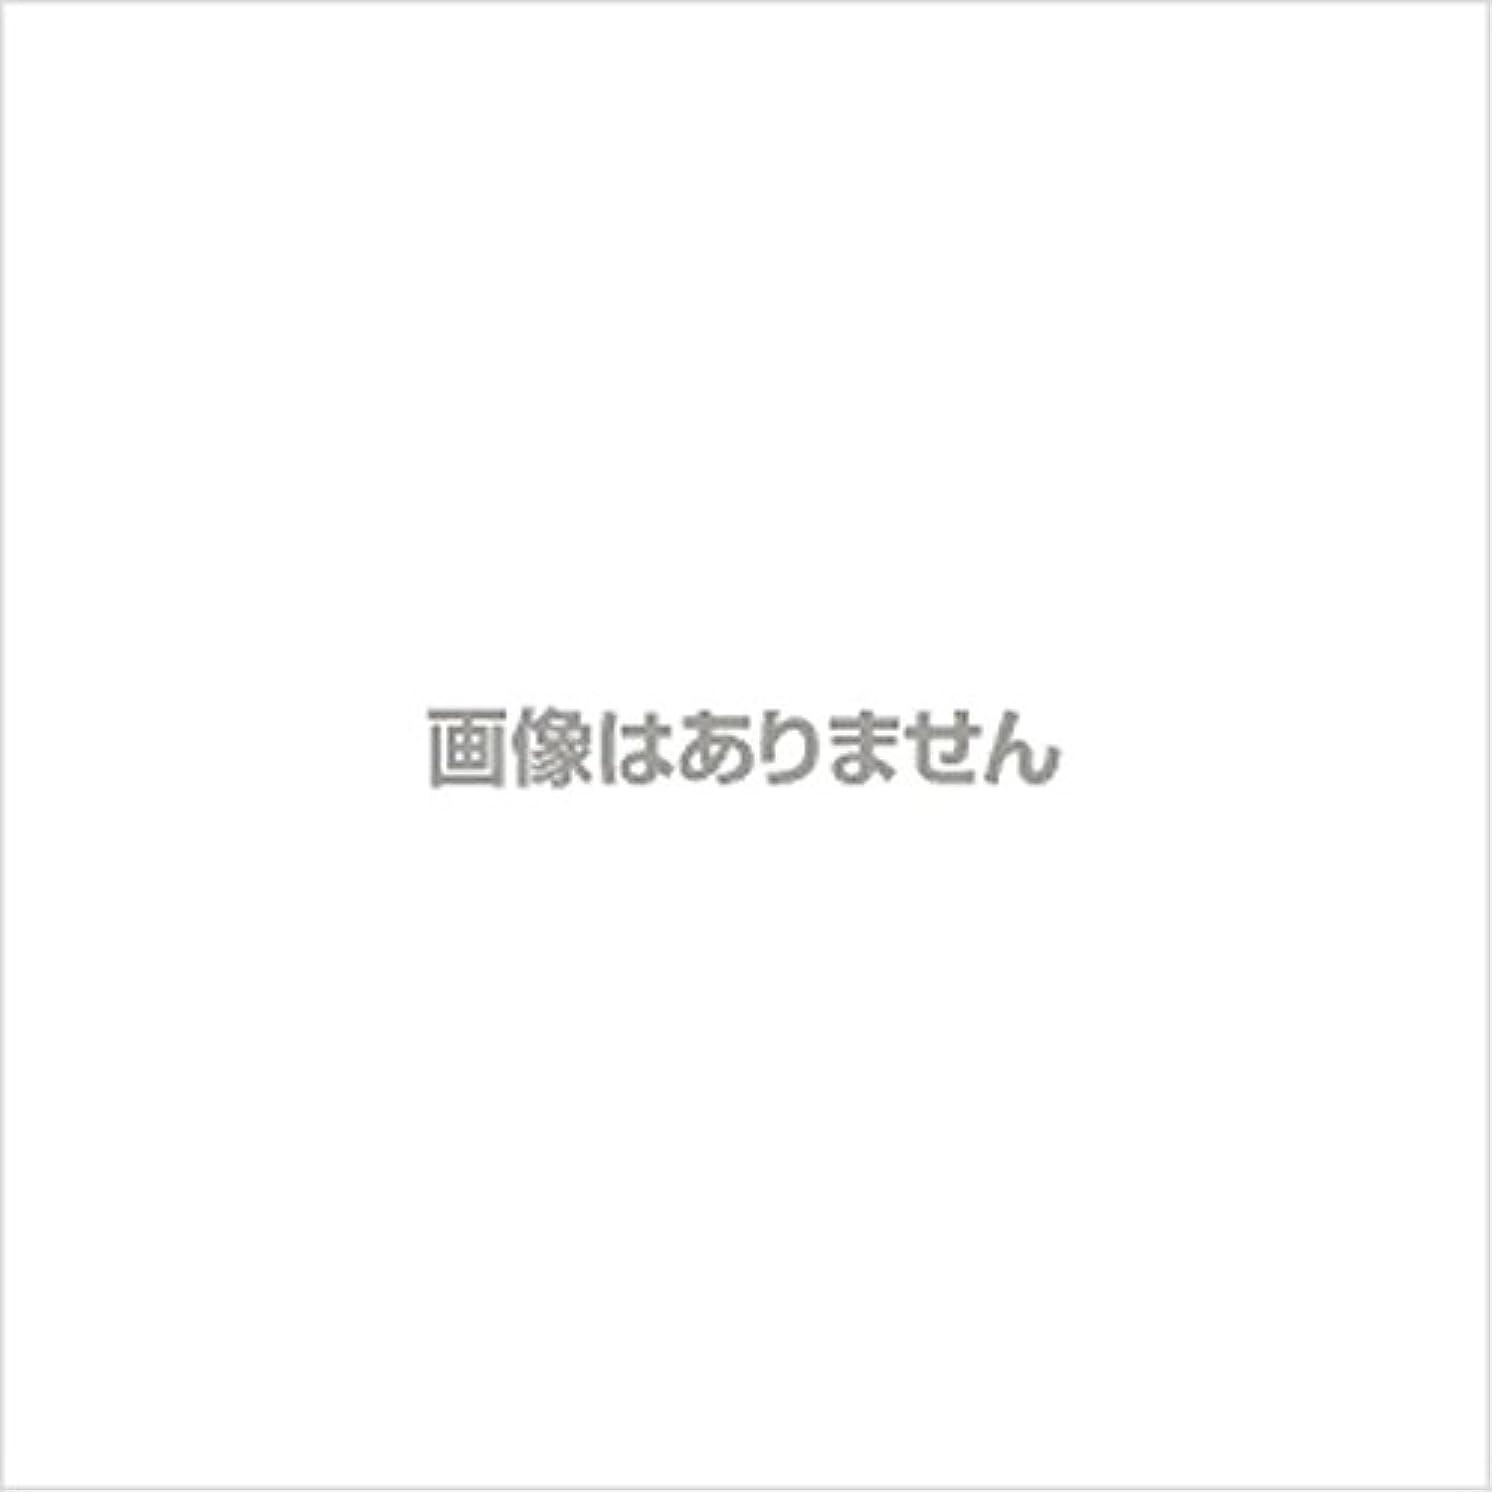 【新発売】EBUKEA エブケアNO1002 プラスチックグローブ(粉付)Mサイズ 100枚入(極薄?半透明)